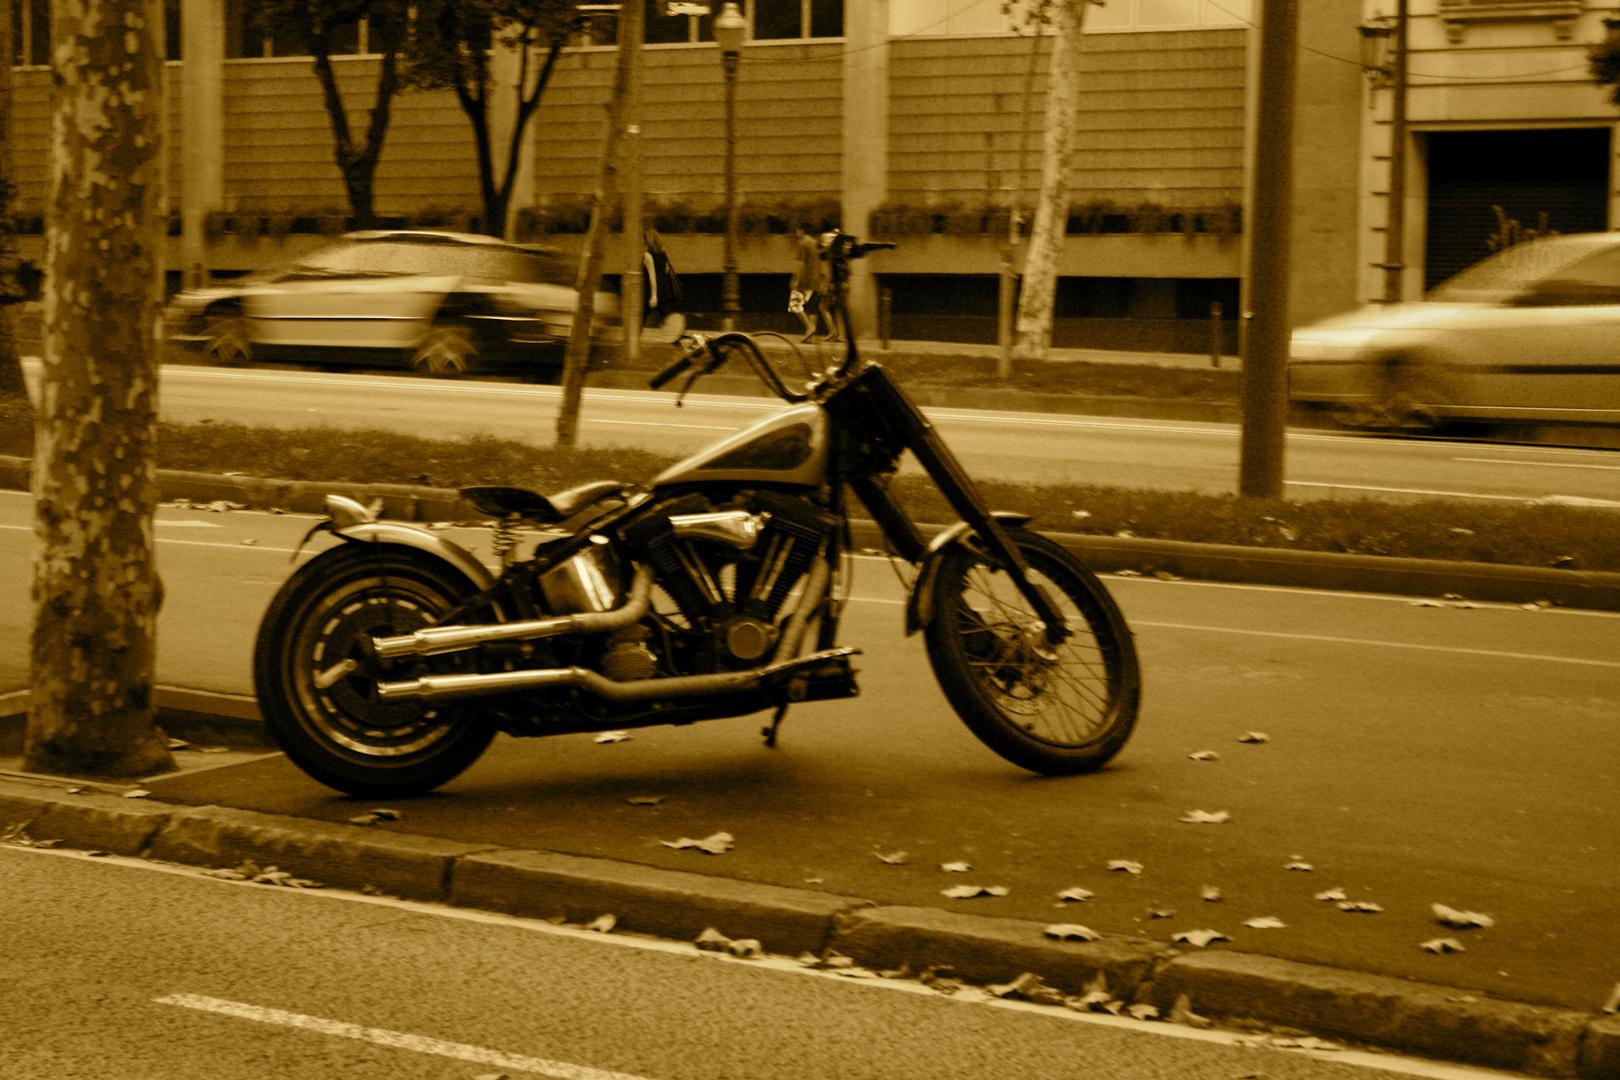 En Harley davidson